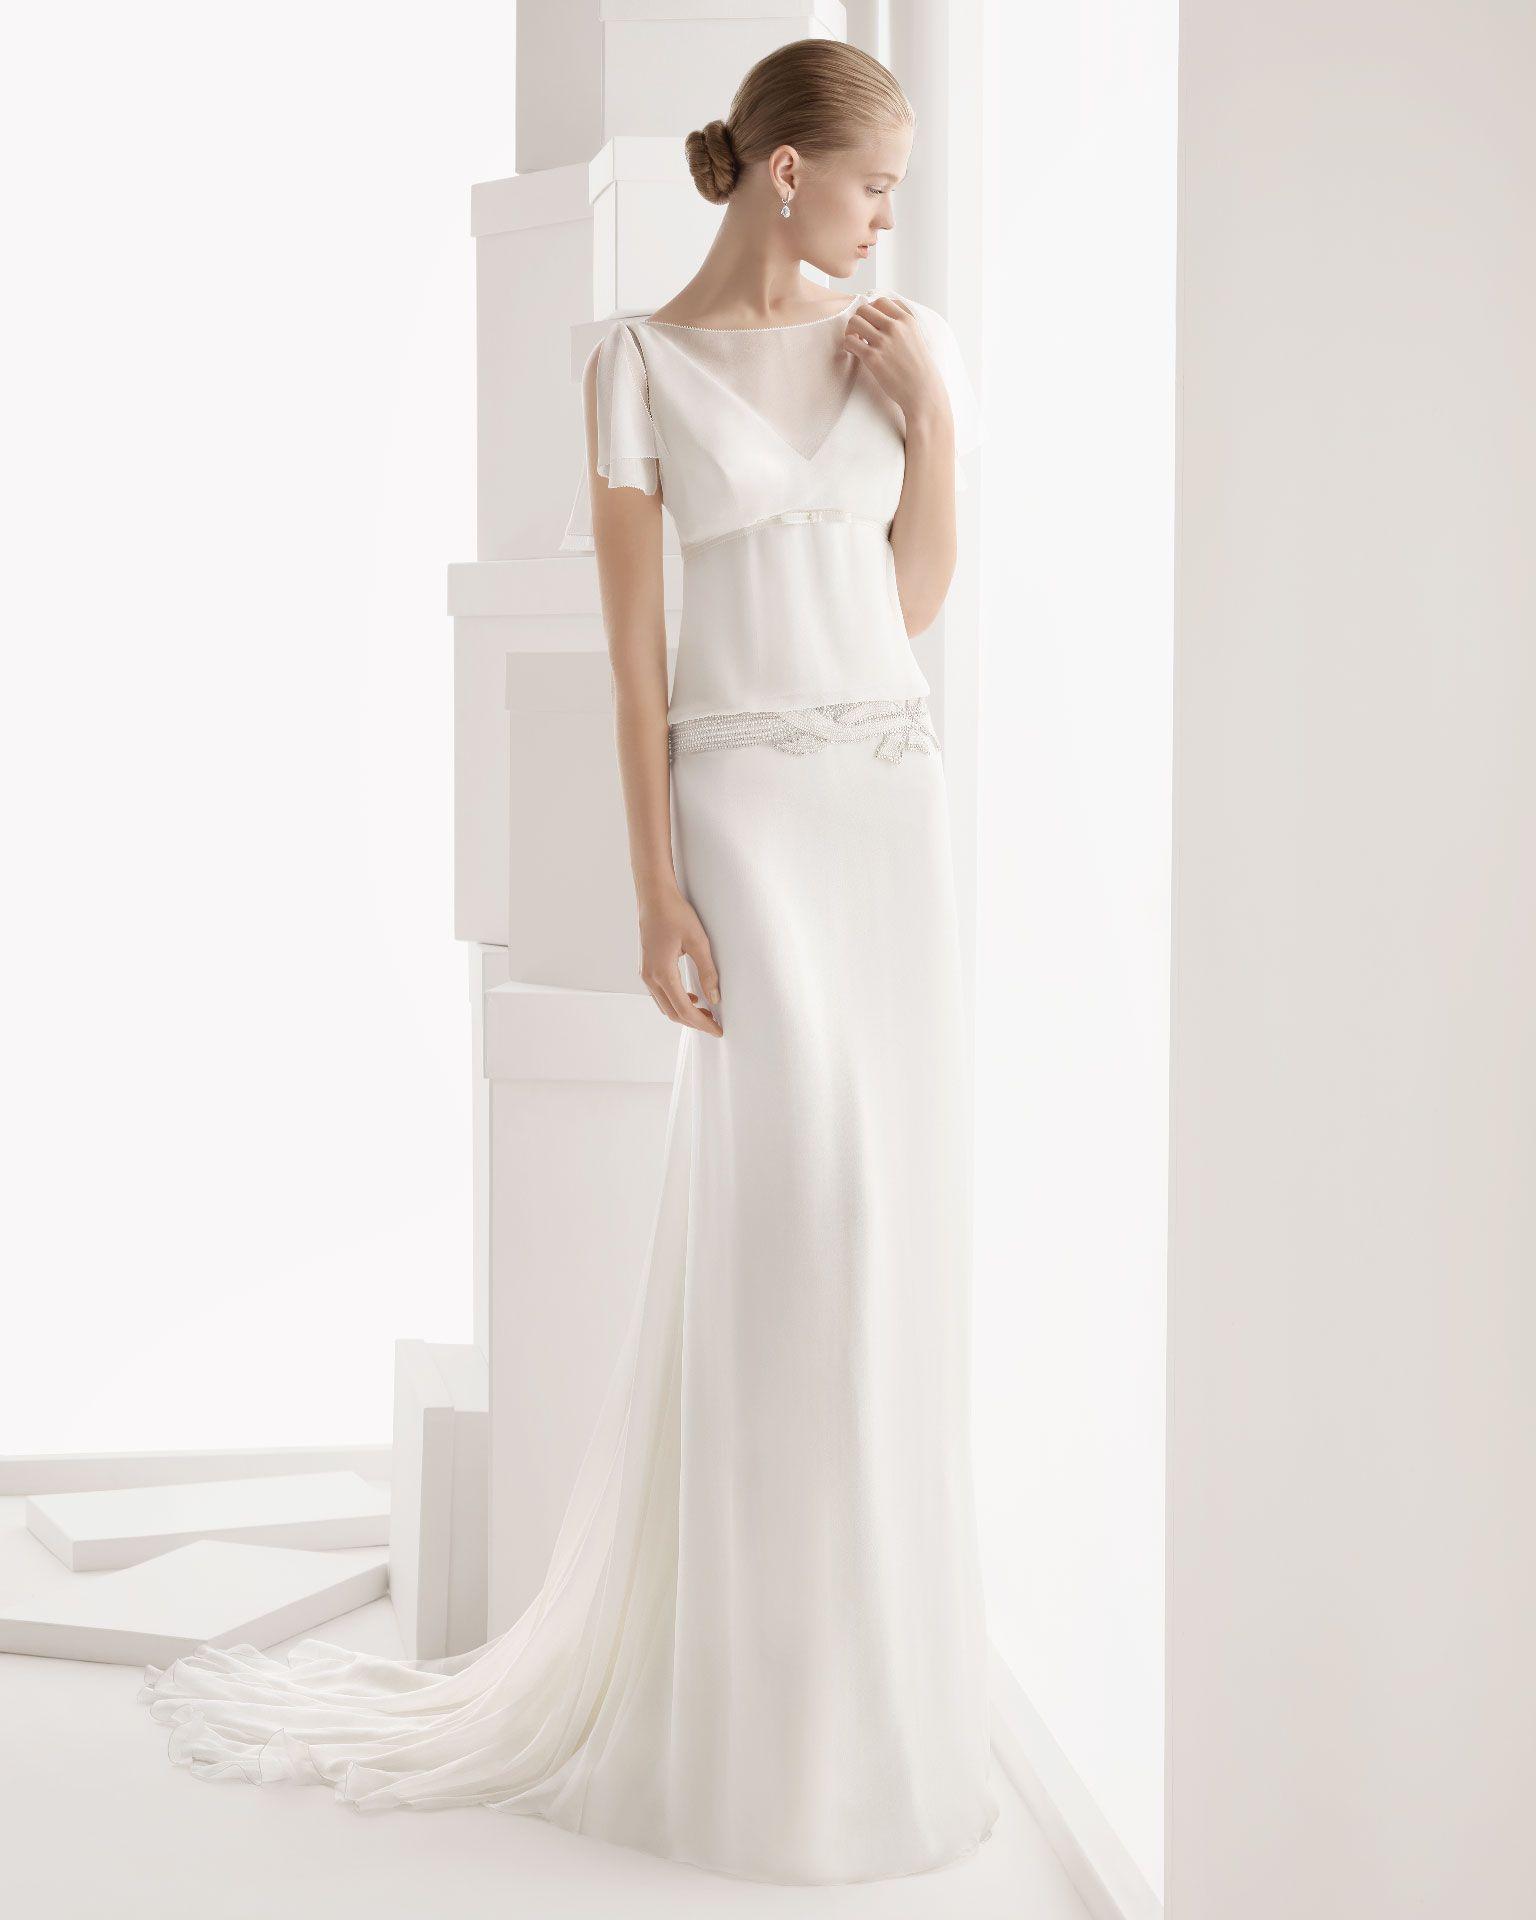 Build your own wedding dress  CEDRO  Vestido en gasa de seda con bordado pedrería y adorno de